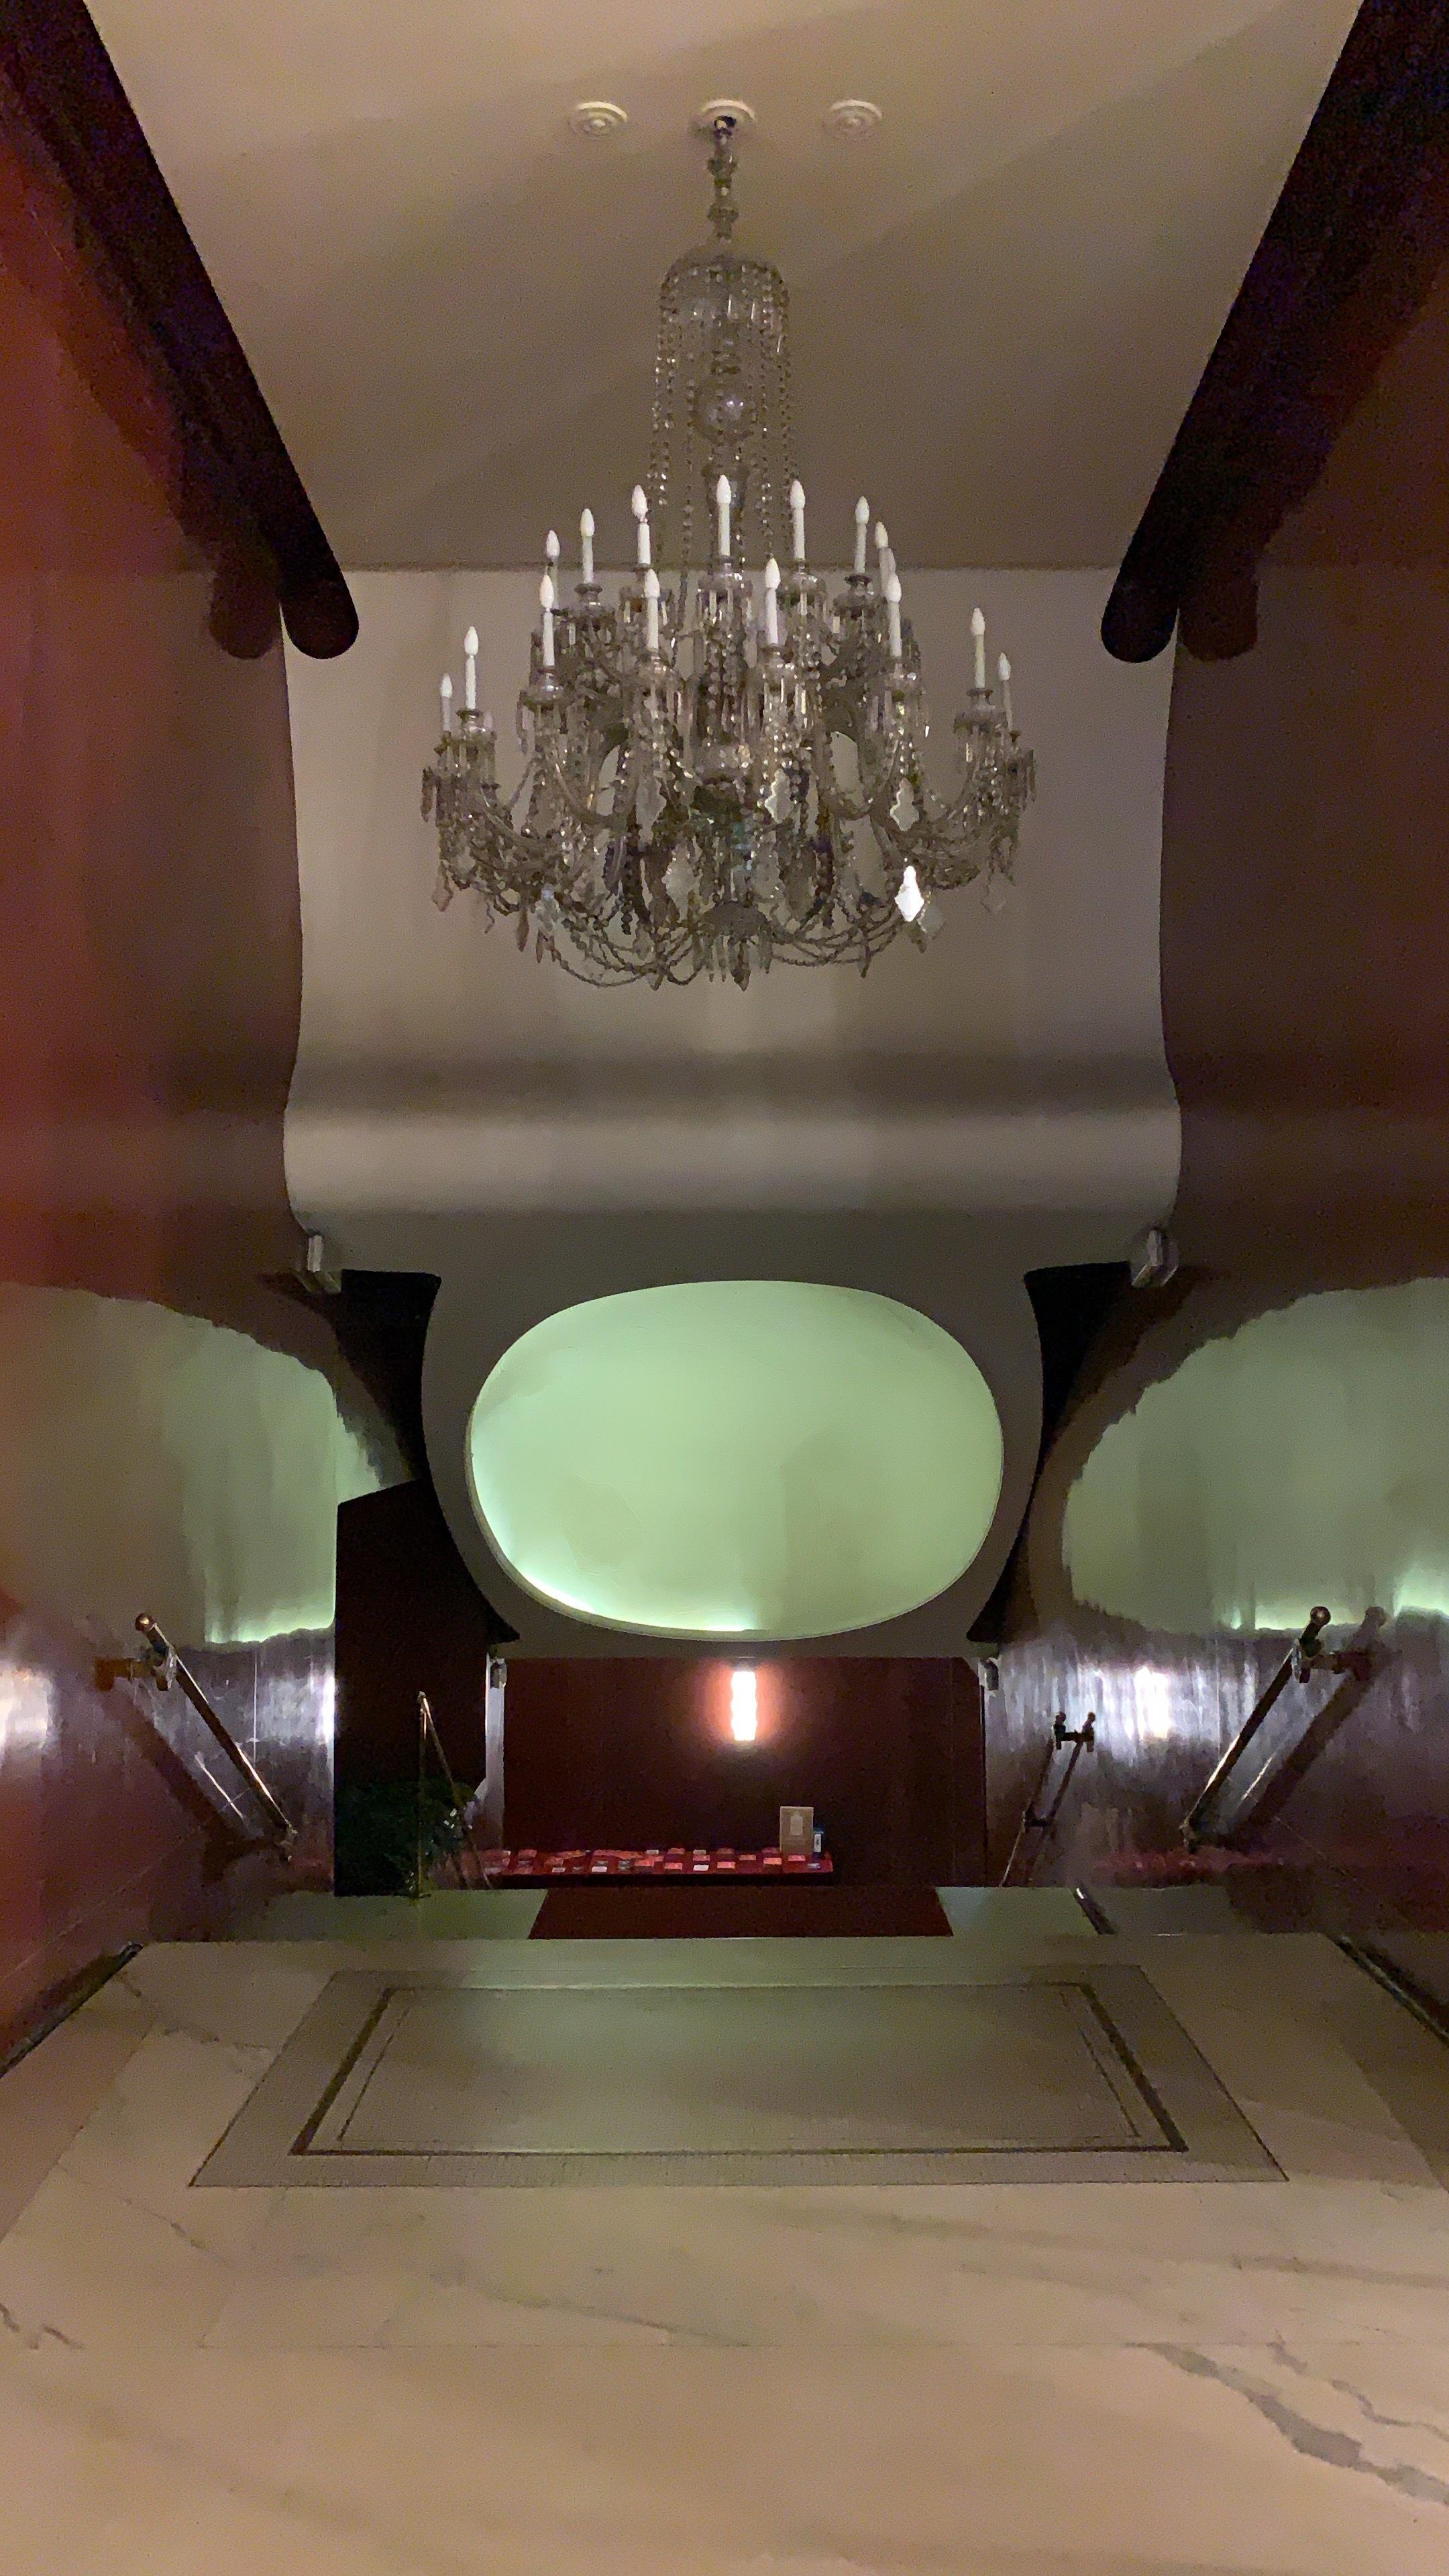 002 Salone del Mobile 2019 Lex de gooijer interiors rotterdam ..JPG